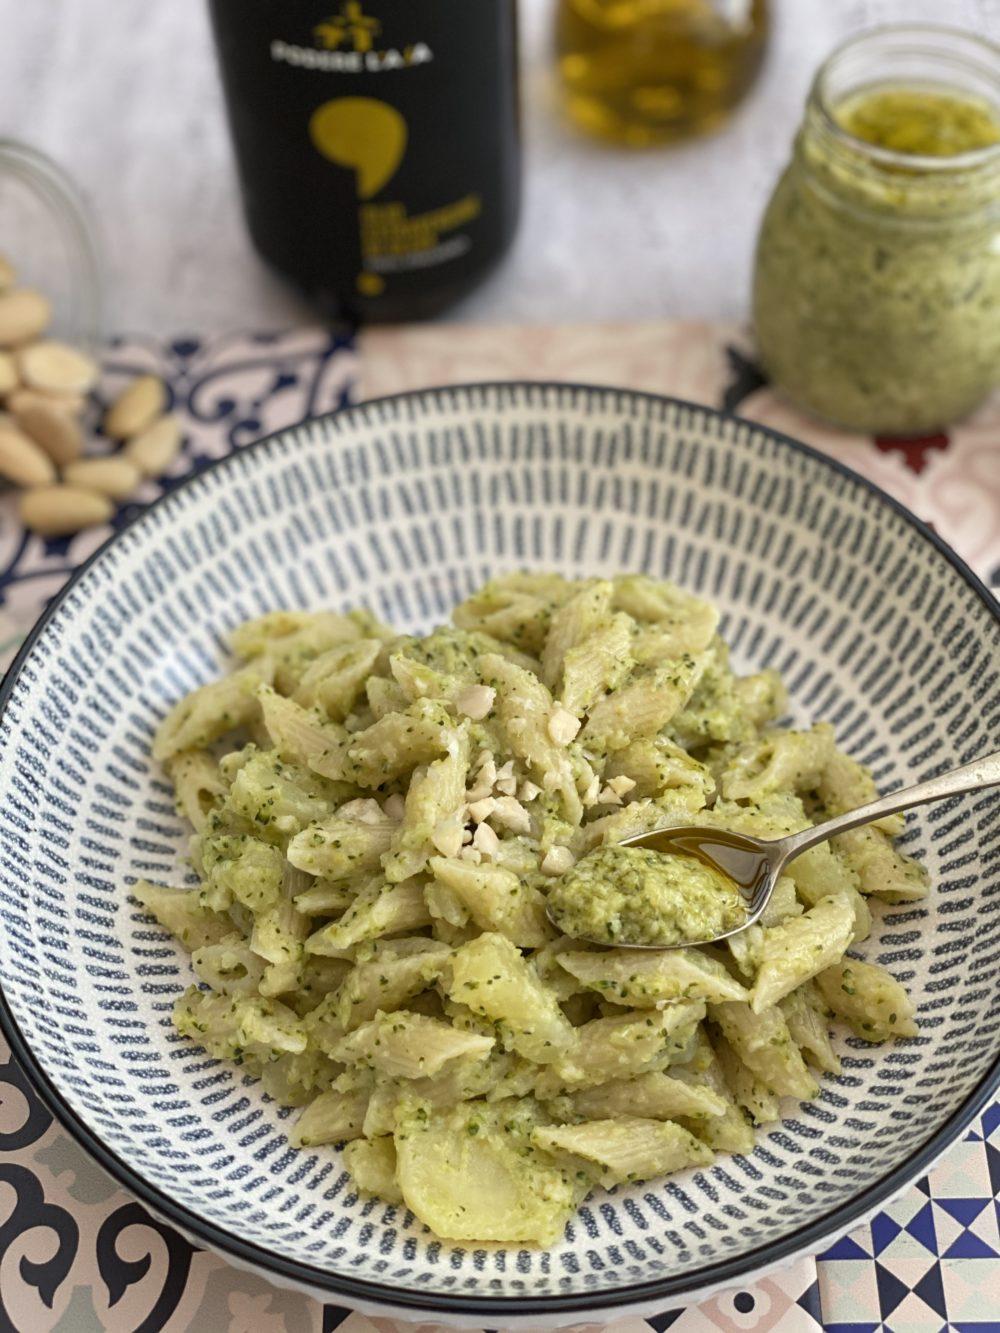 Salsa di broccoli per condire la pasta